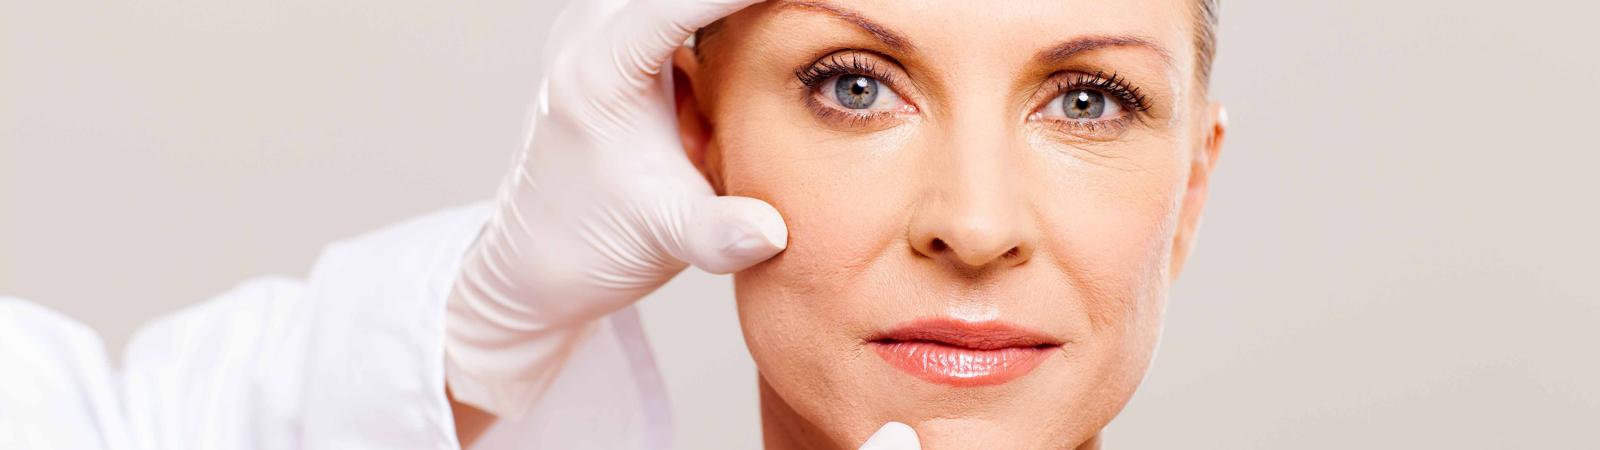 Dermal Facial Filler - Juvéderm & Restylane   Dr  Blackburn